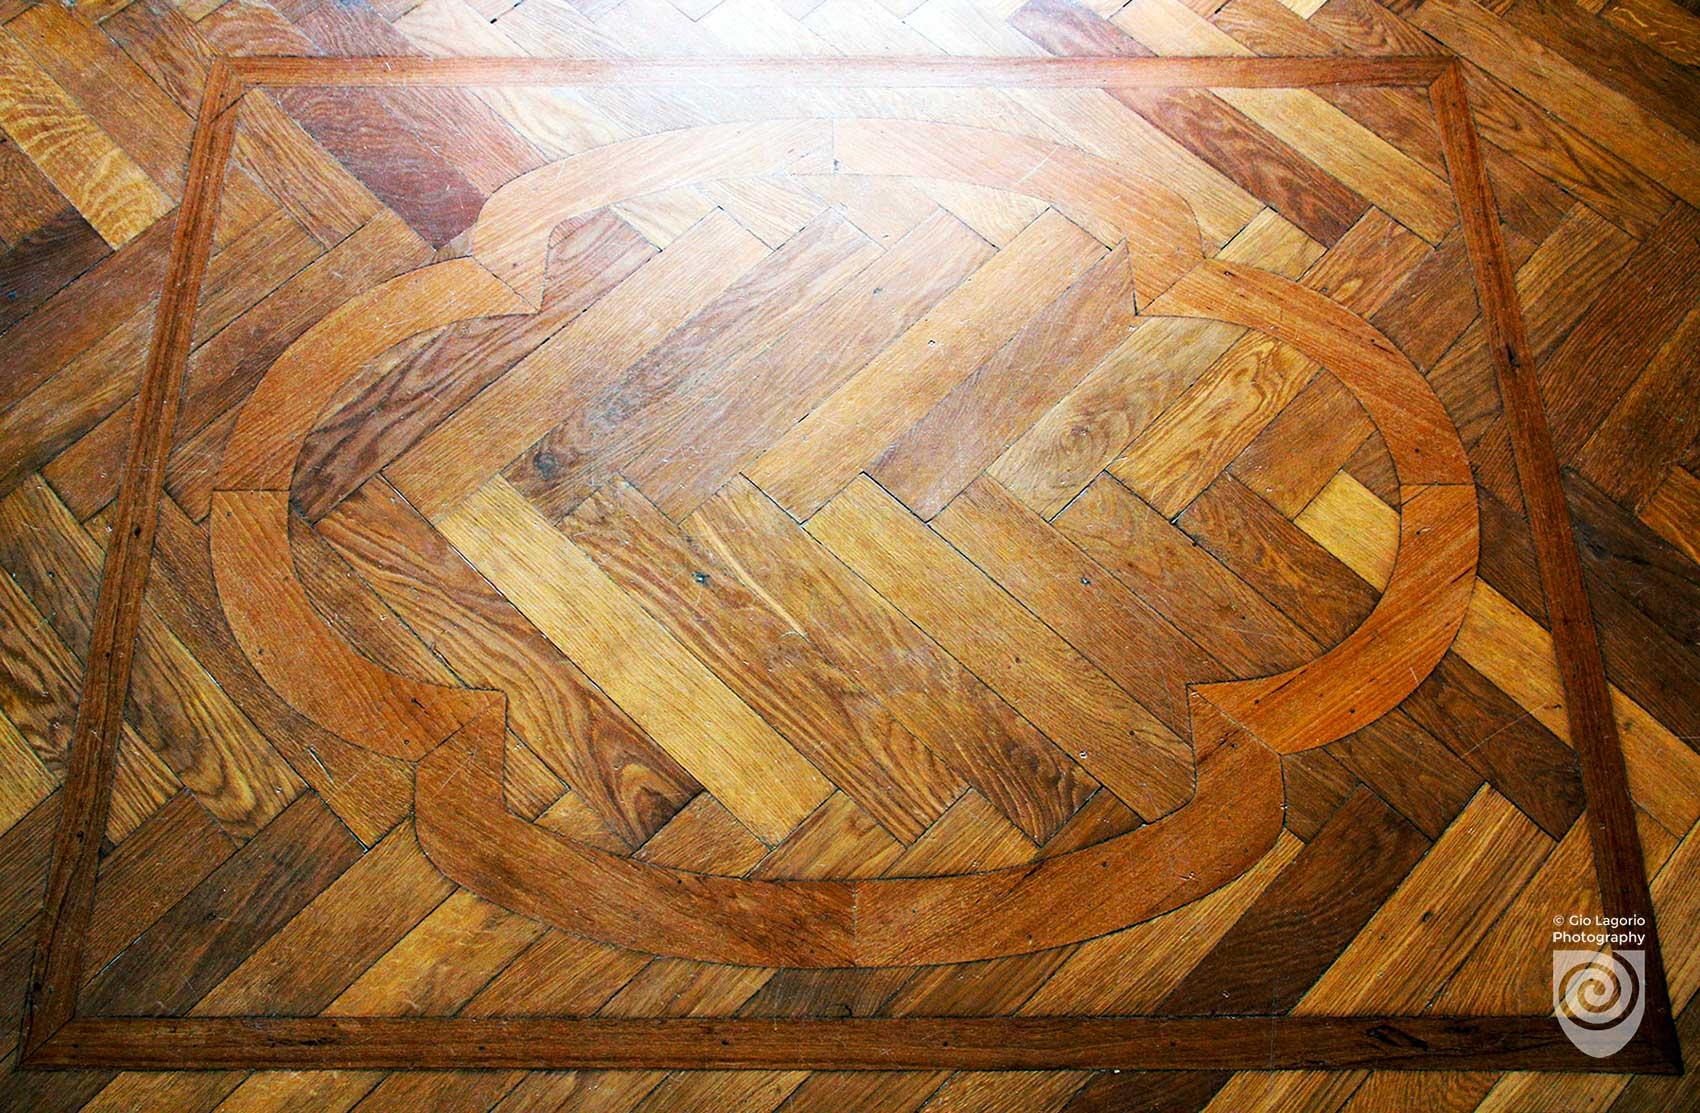 Particolare del parquet a pavimento dell'atrio